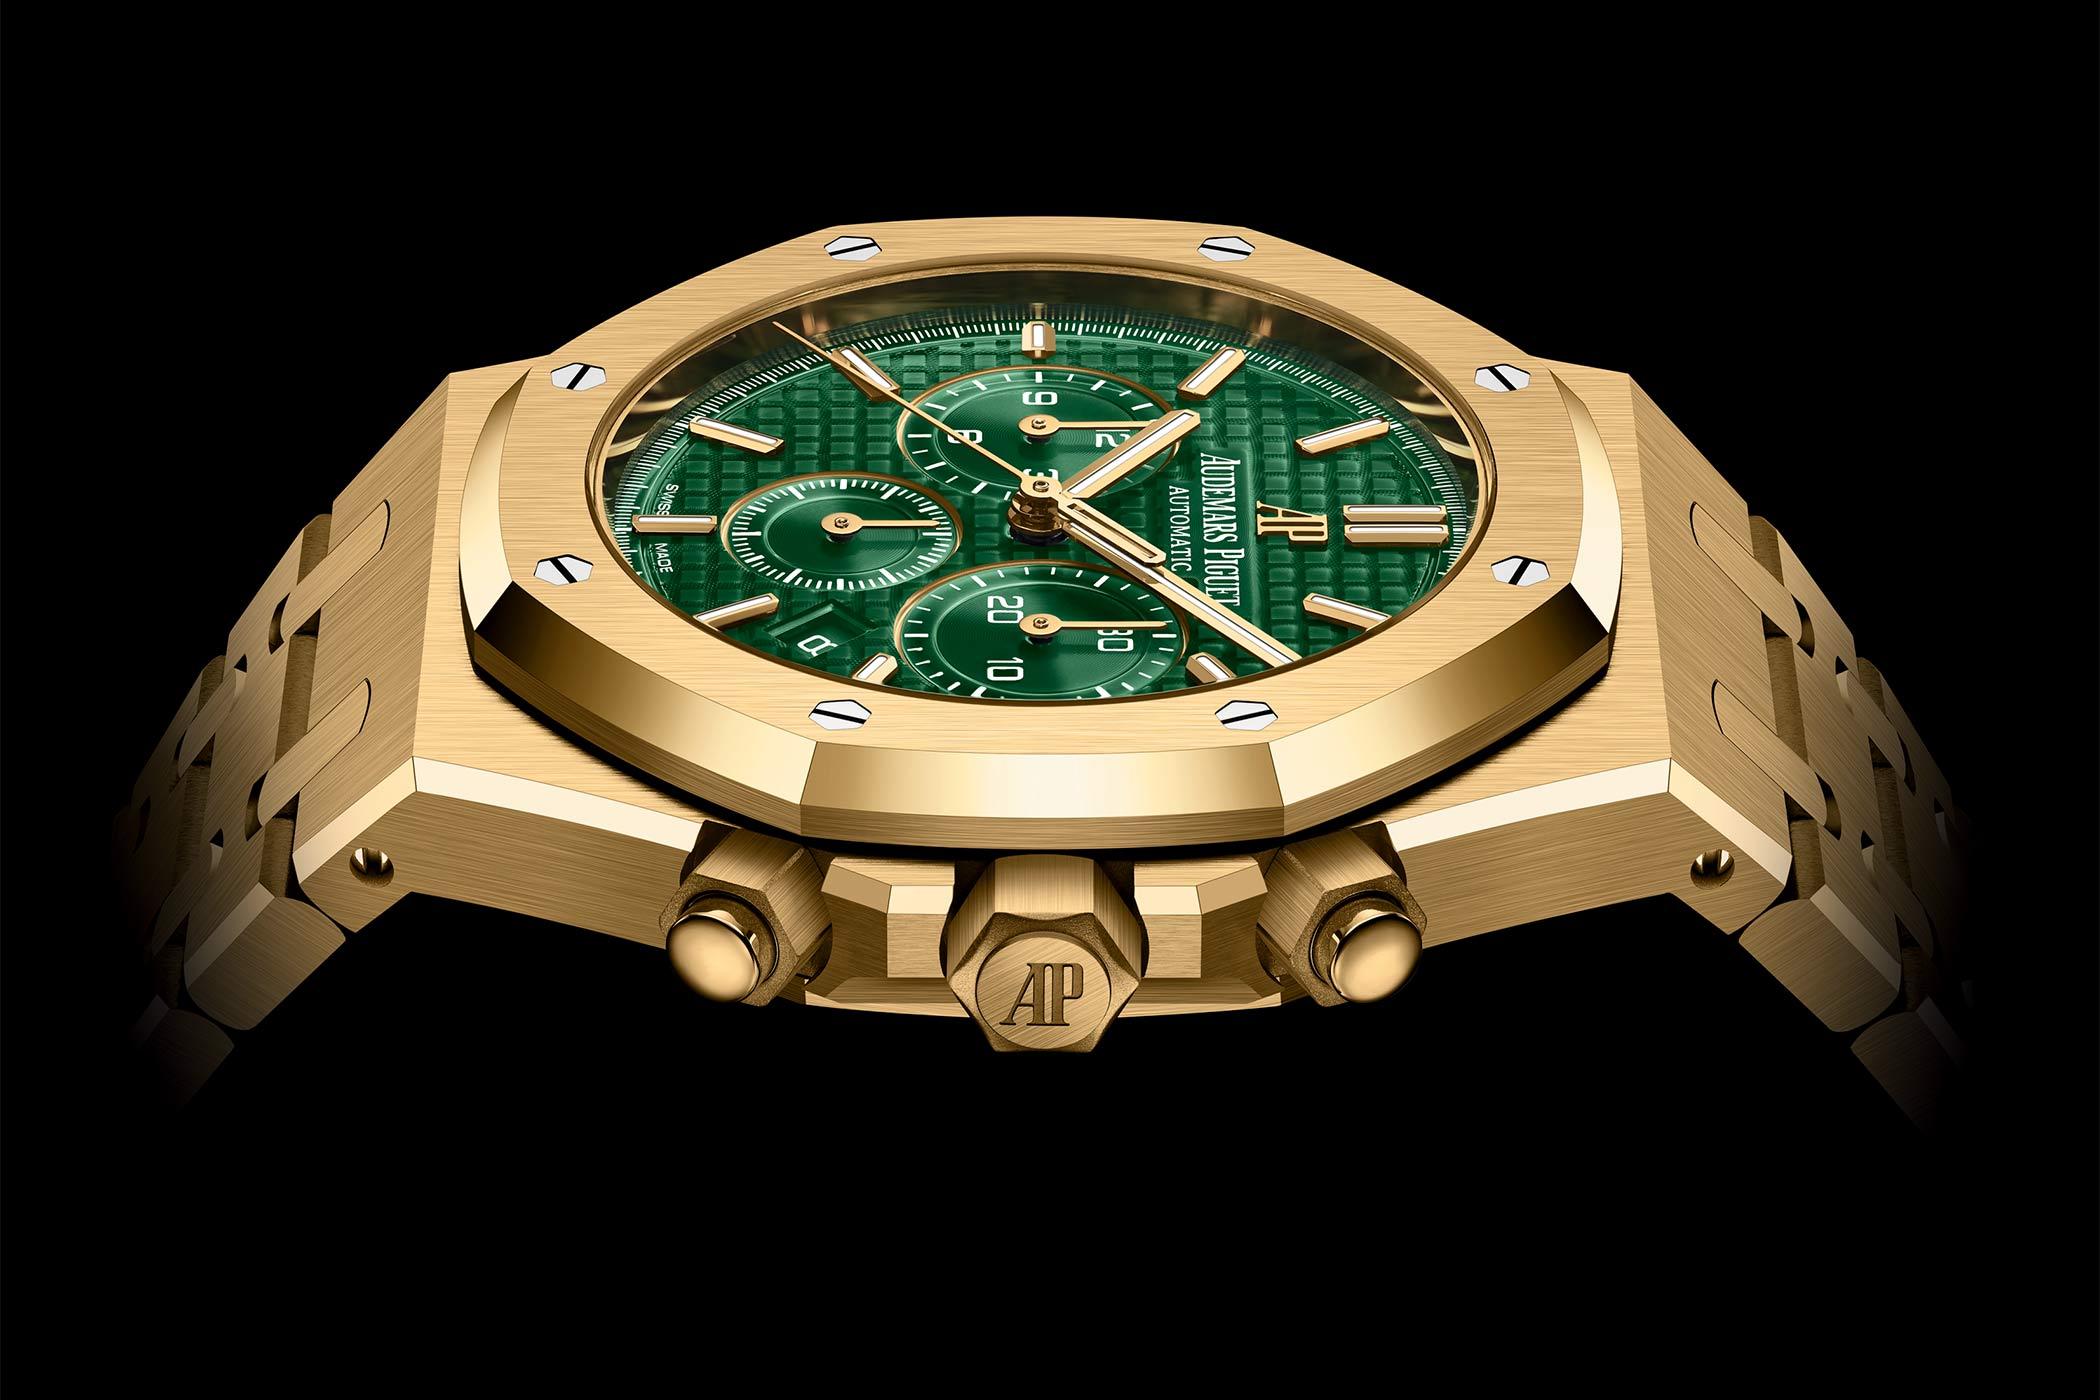 Audemars Piguet Royal Oak Selfwinding Chronograph 41mm Yellow Gold Green dial 26331BA.OO.1220BA.02